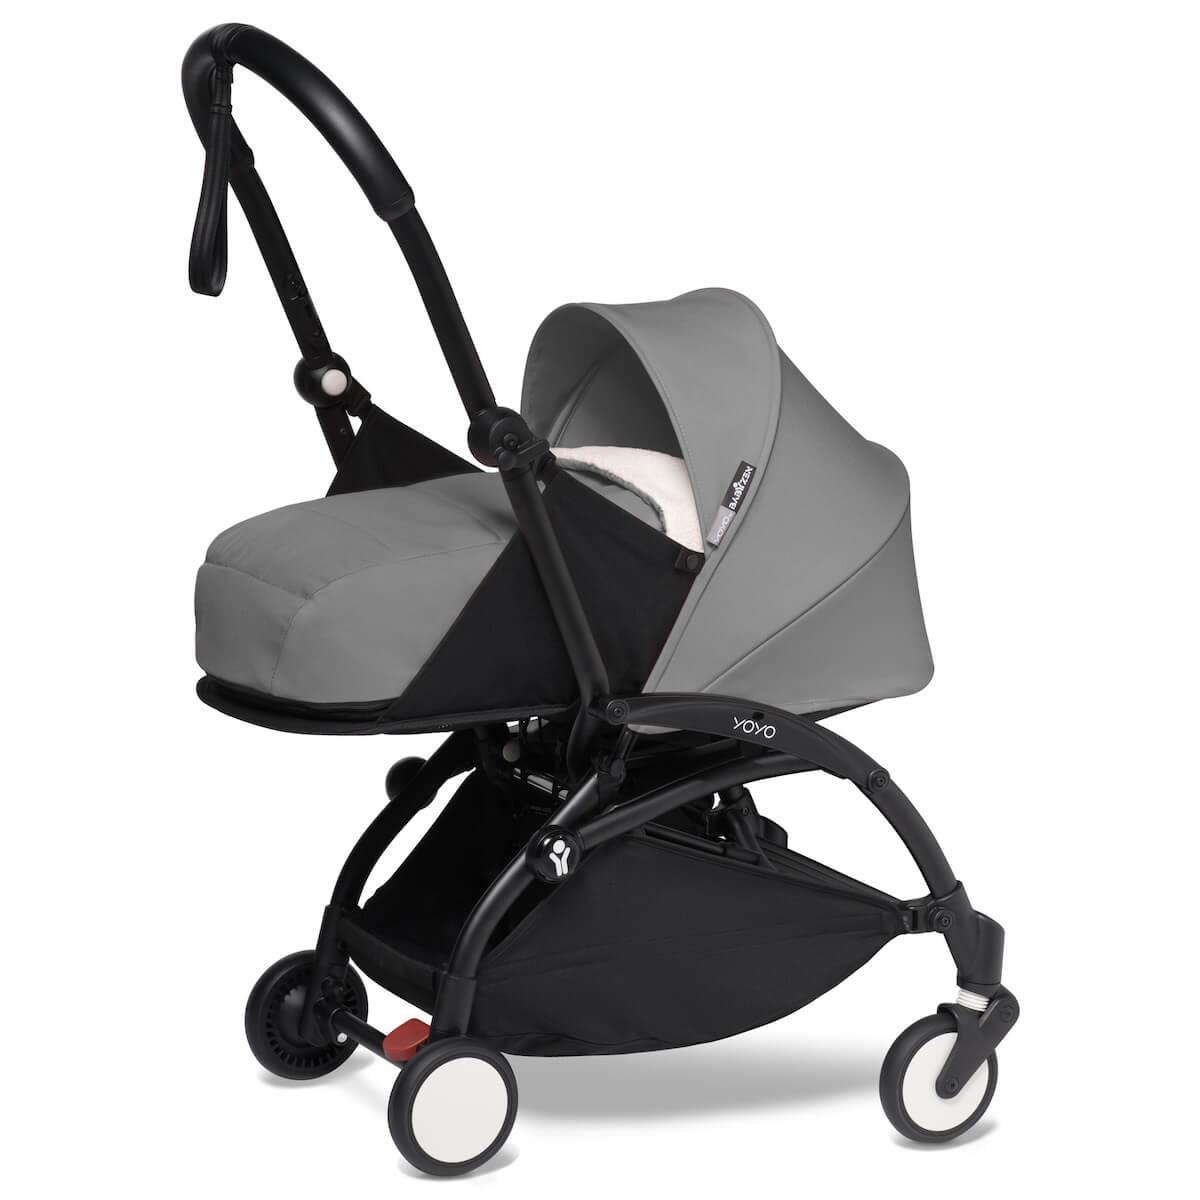 Carrito recién nacido YOYO² 0+M Babyzen negro-gris